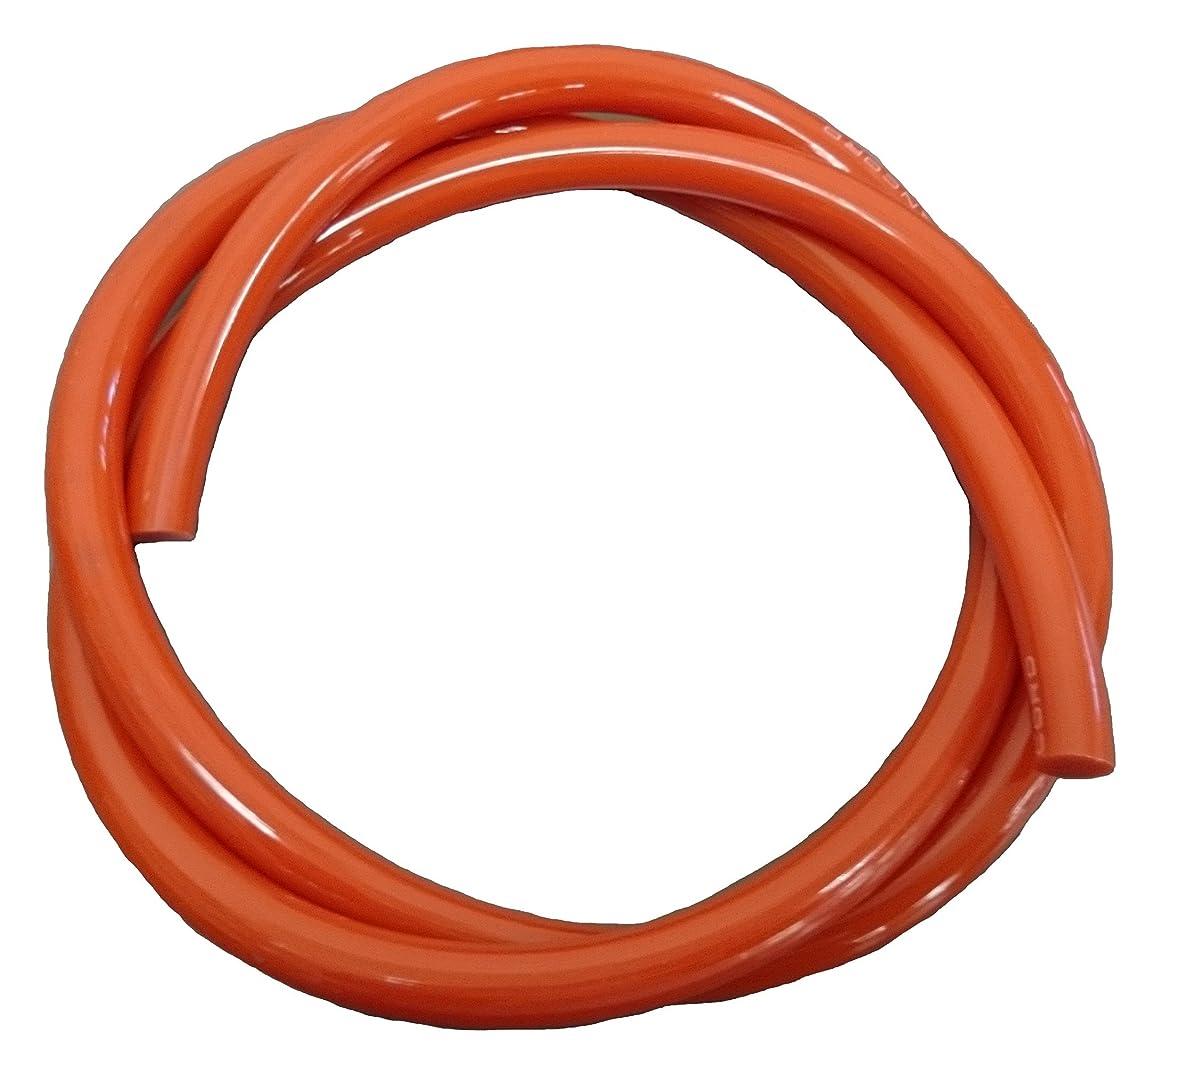 ながら征服記念日バンドー化学 バンコード 83mm φ12#480オレンジ オープンエンド NO480-12-C83000